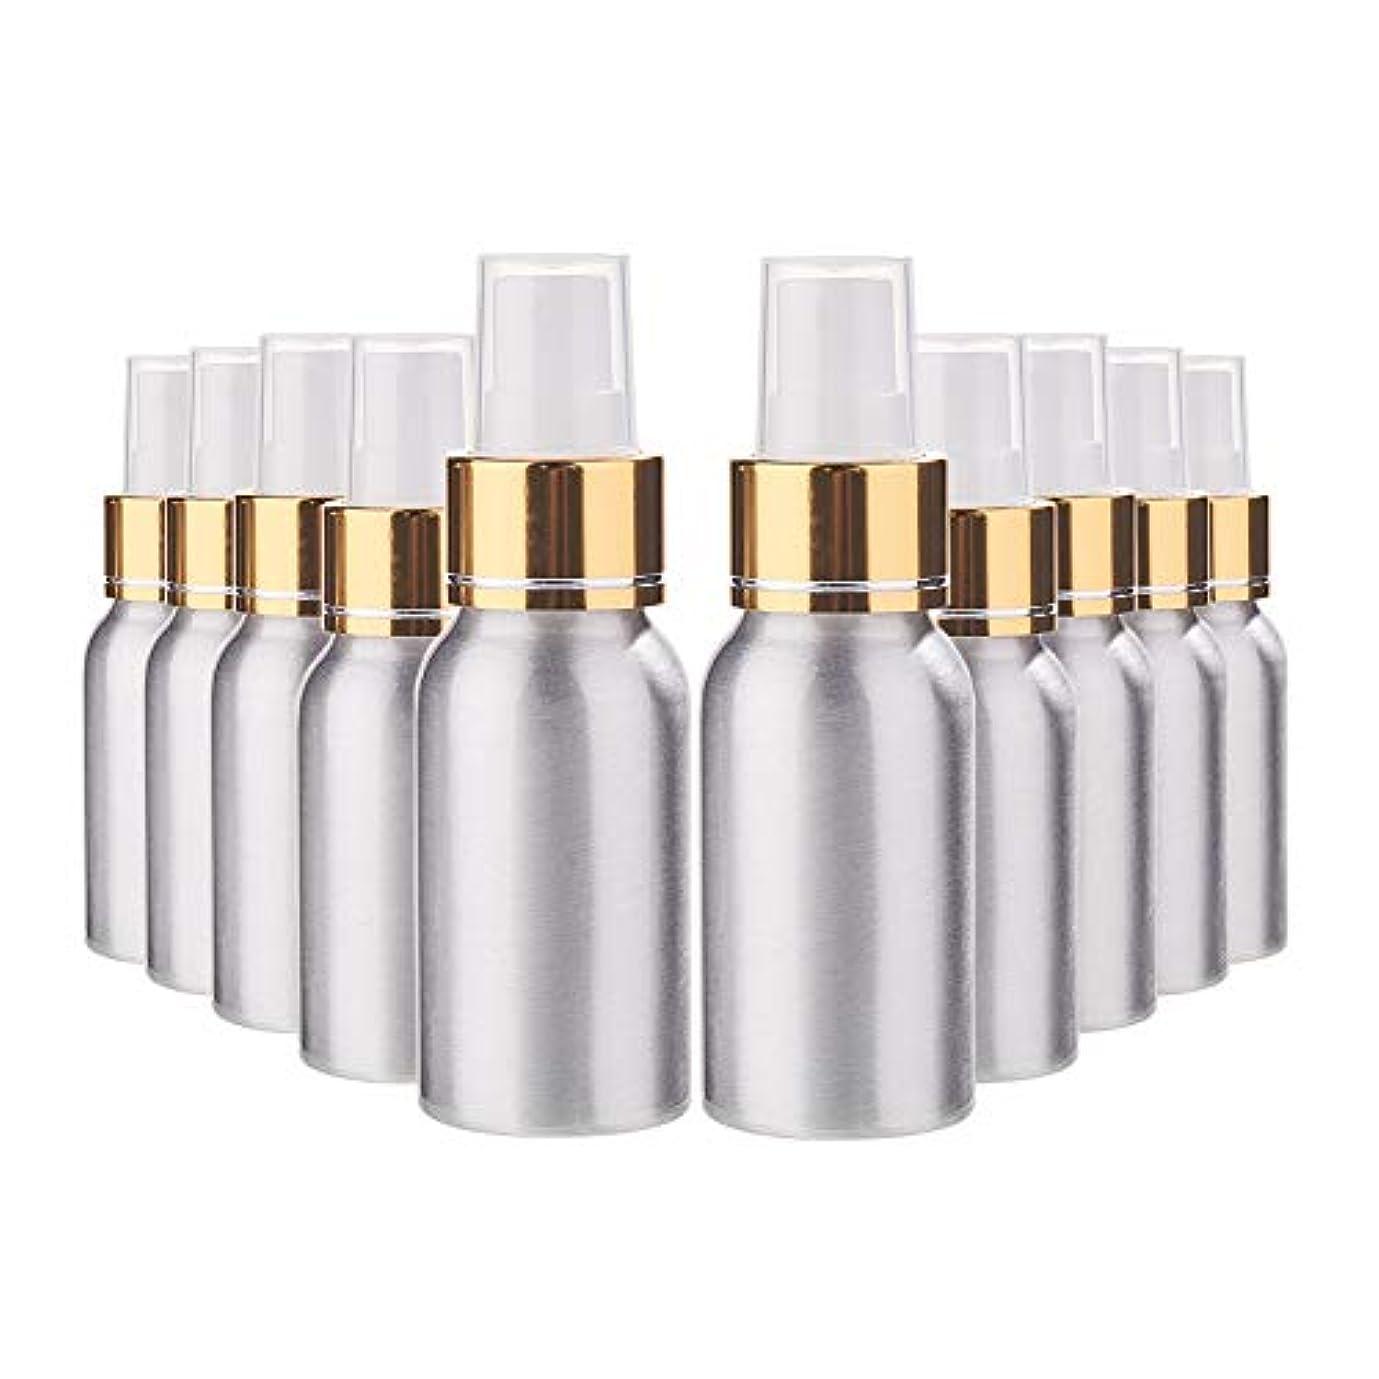 コンパスこれまでトライアスリートBENECREAT 10個セット50mlスプレーアルミボトル 空ボトル 極細のミスト 防錆 軽量 化粧品 香水 小分け 詰め替え